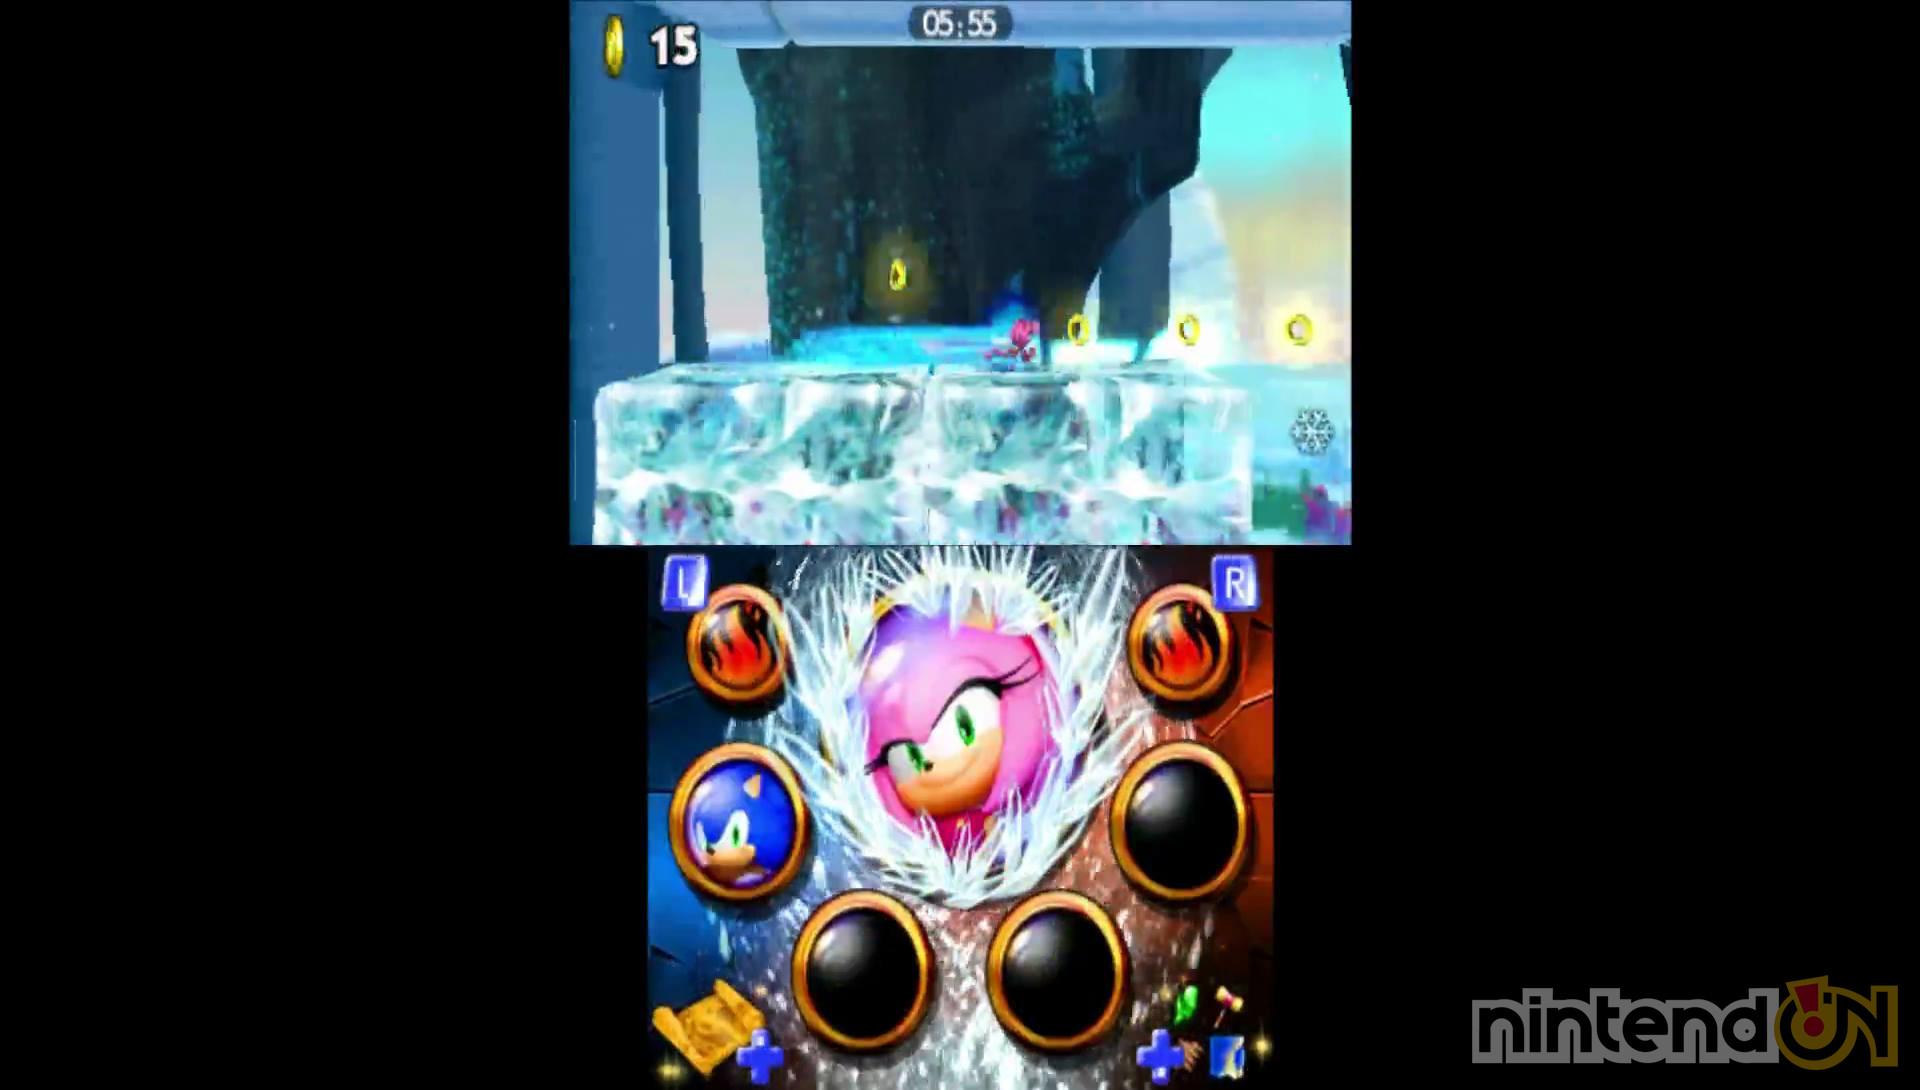 sonic-boom-fuoco-ghiaccio-screen03-anteprima-nintendon